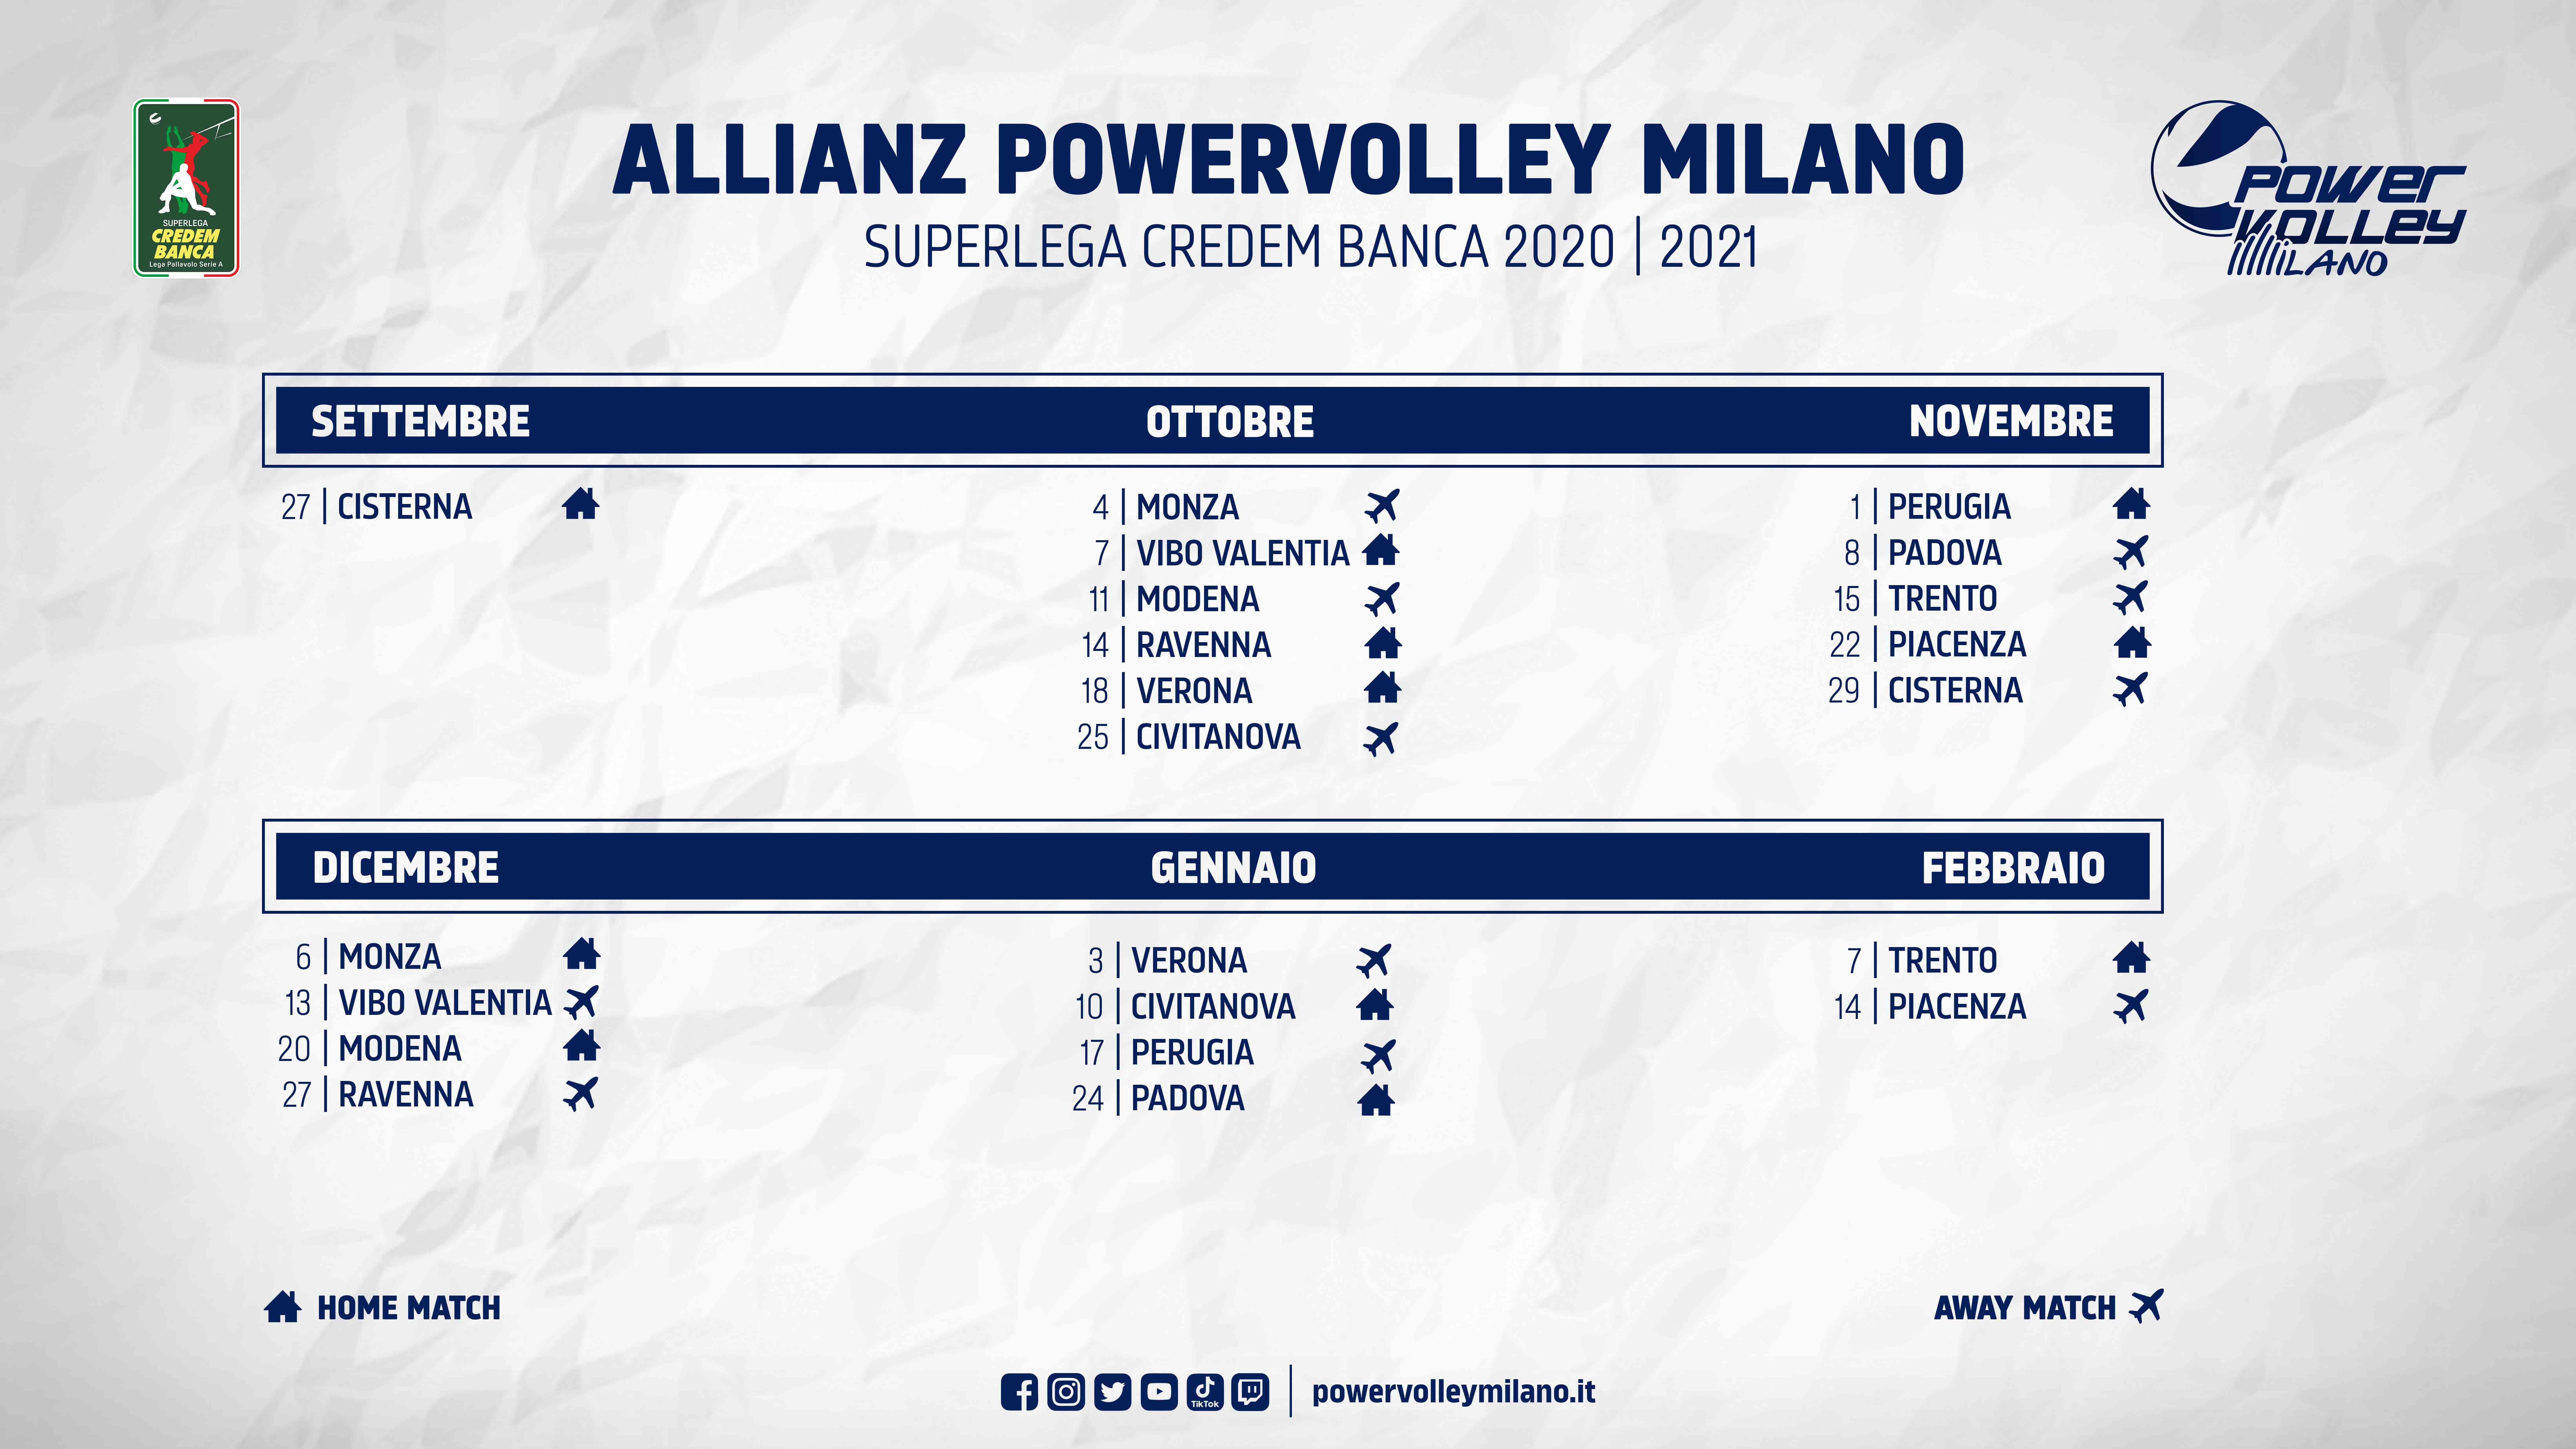 Superlega 2020 21, ufficializzato il calendario della nuova